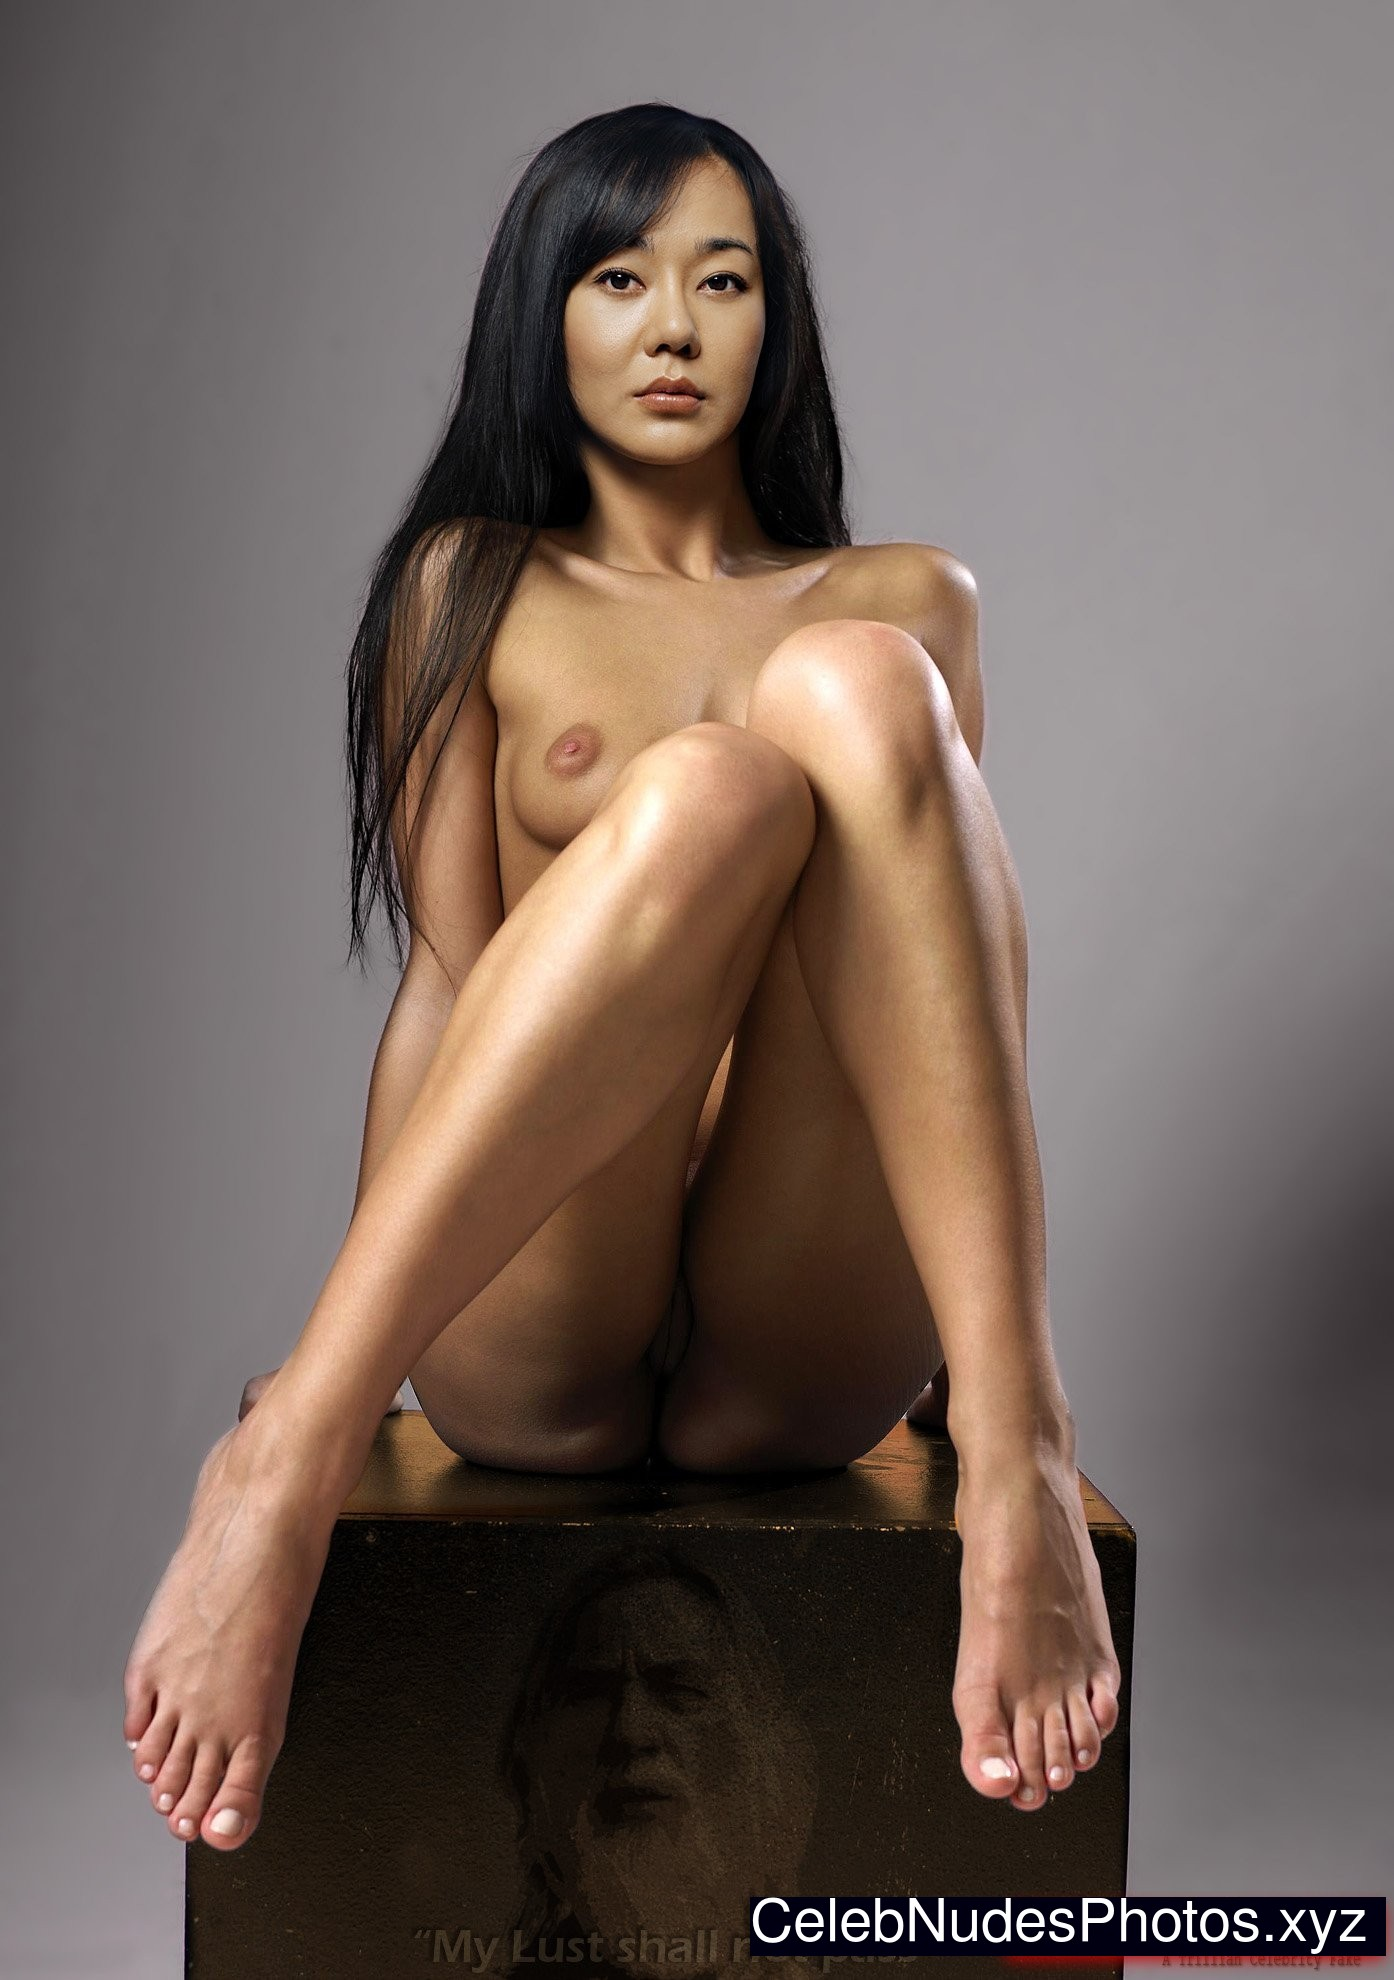 yunjin kim hot naked photos